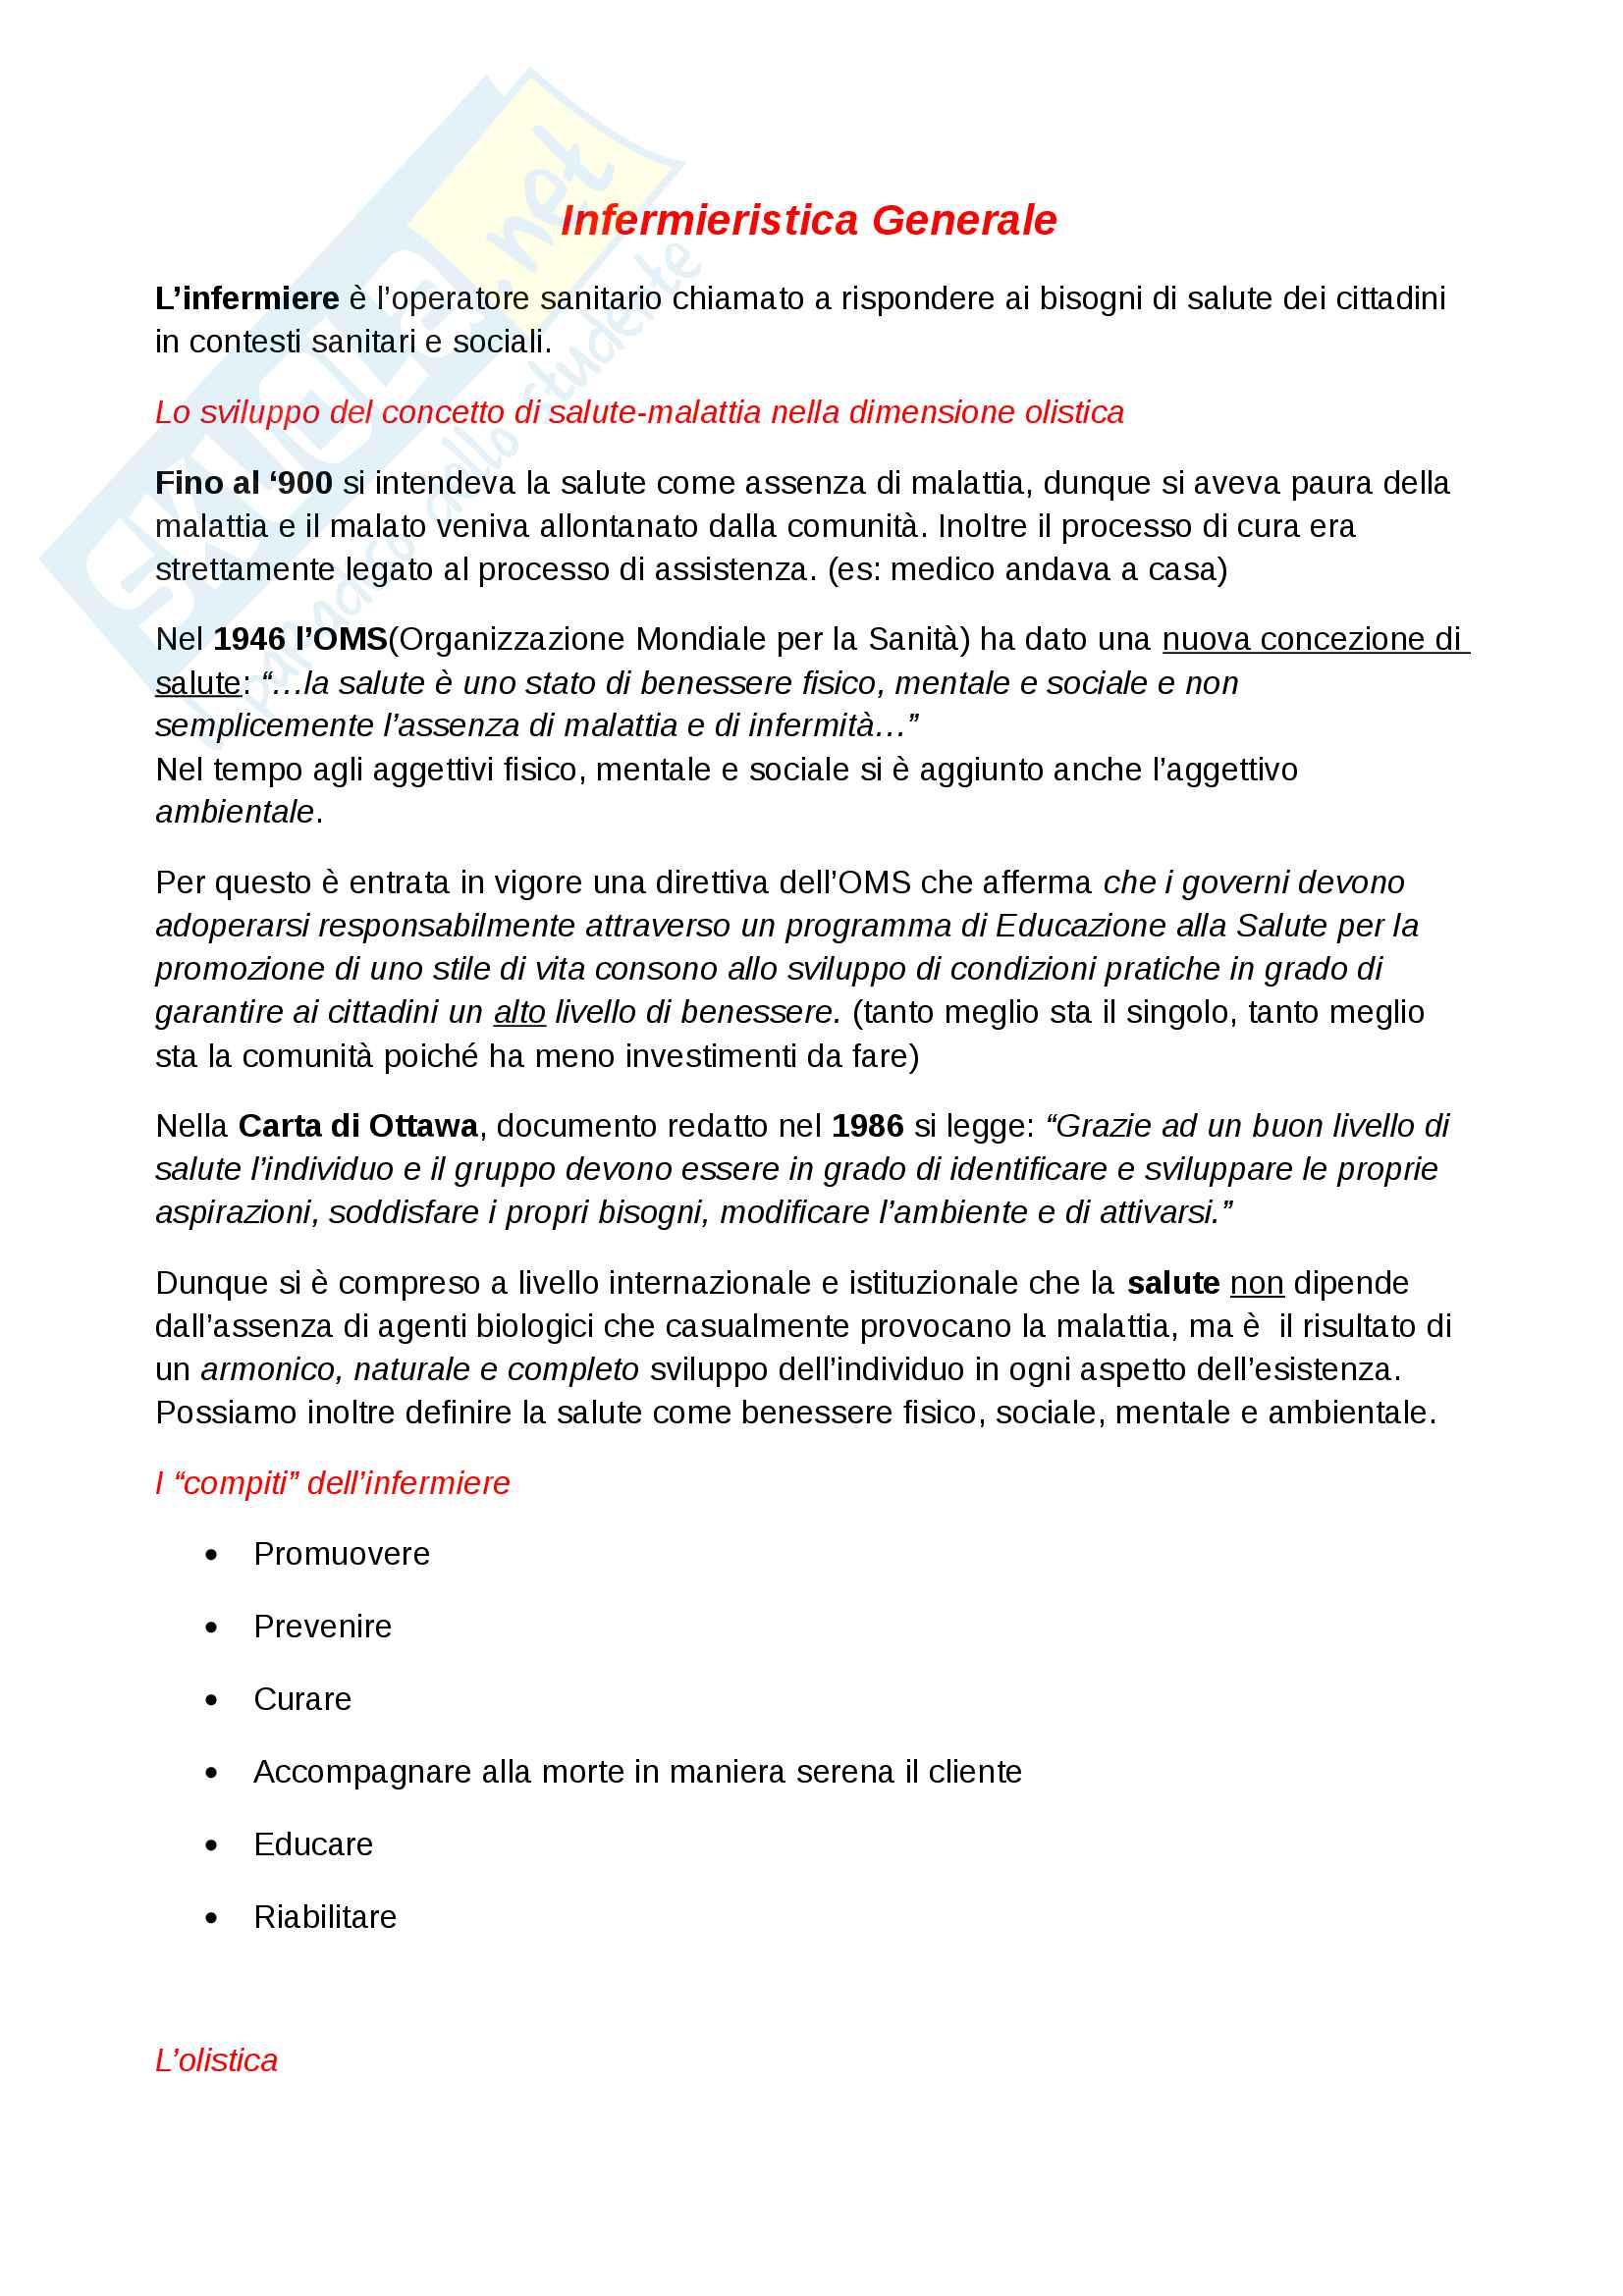 Infermieristica Generale-Appunti Completi